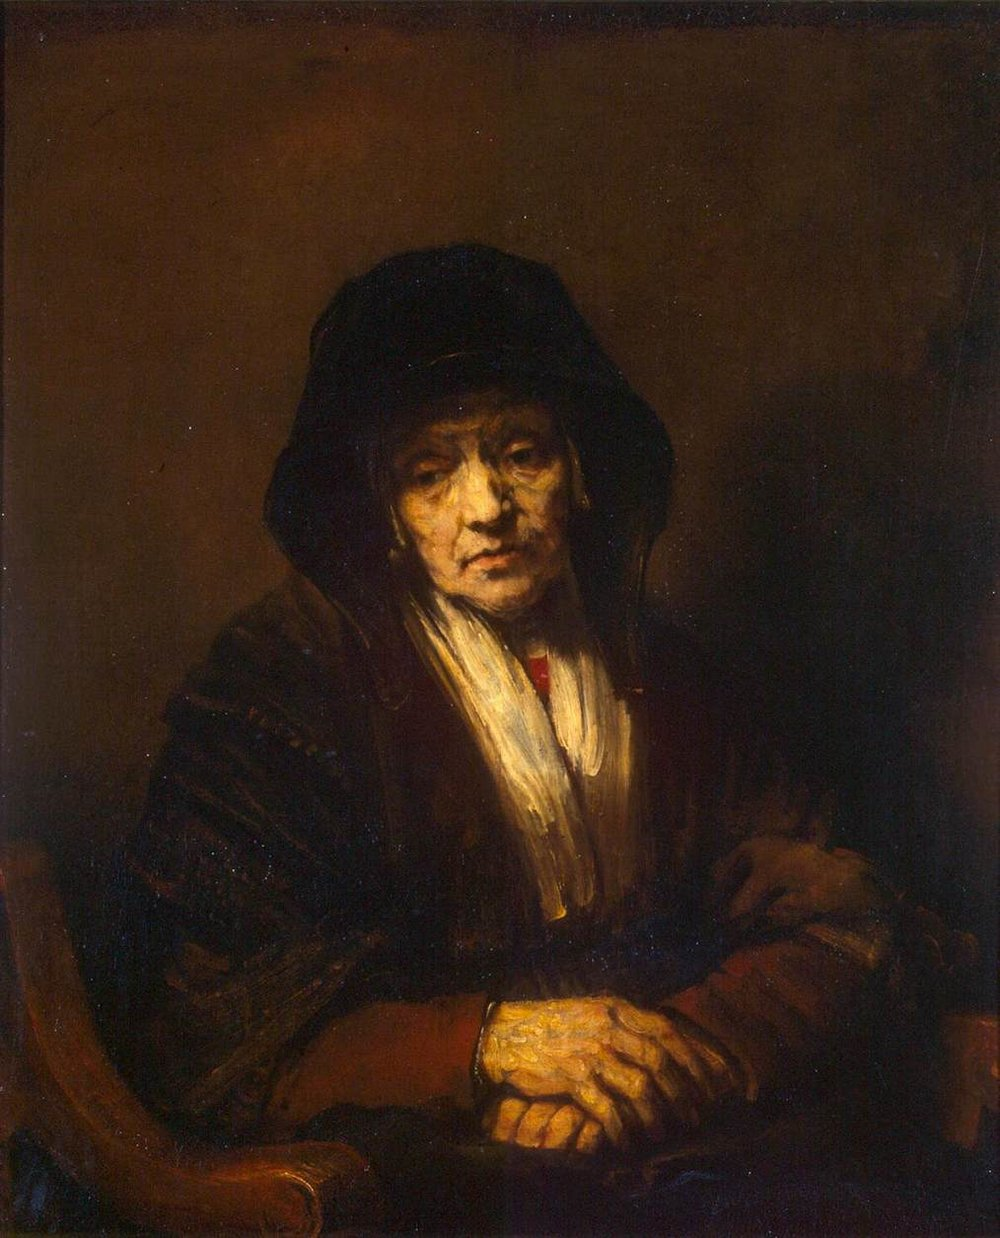 Рембрандт писал стариков едва ли с не наибольшим удовольствием.Прожитая жизнь казалась ему чем-то, что оставляет на человекенеизгладимый след. Портрет старухи . 1654. Эрмитаж, Санкт-Петербург